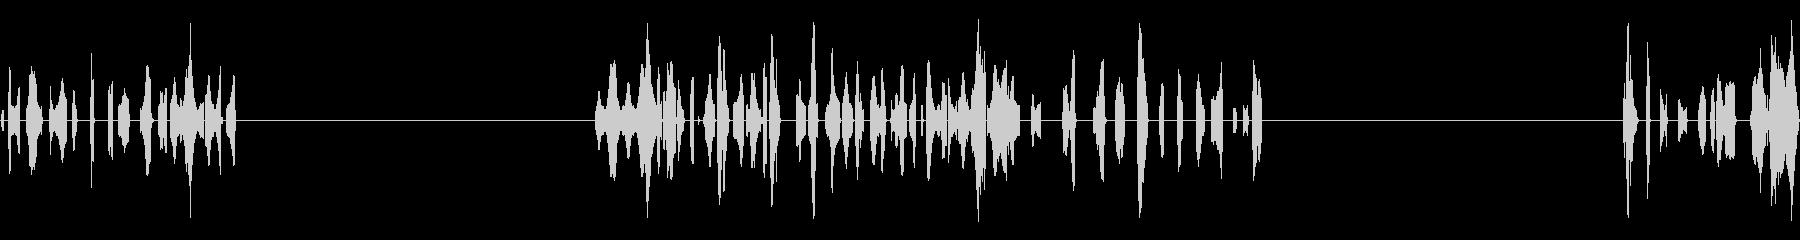 ロボットチャット、3つのバージョン...の未再生の波形